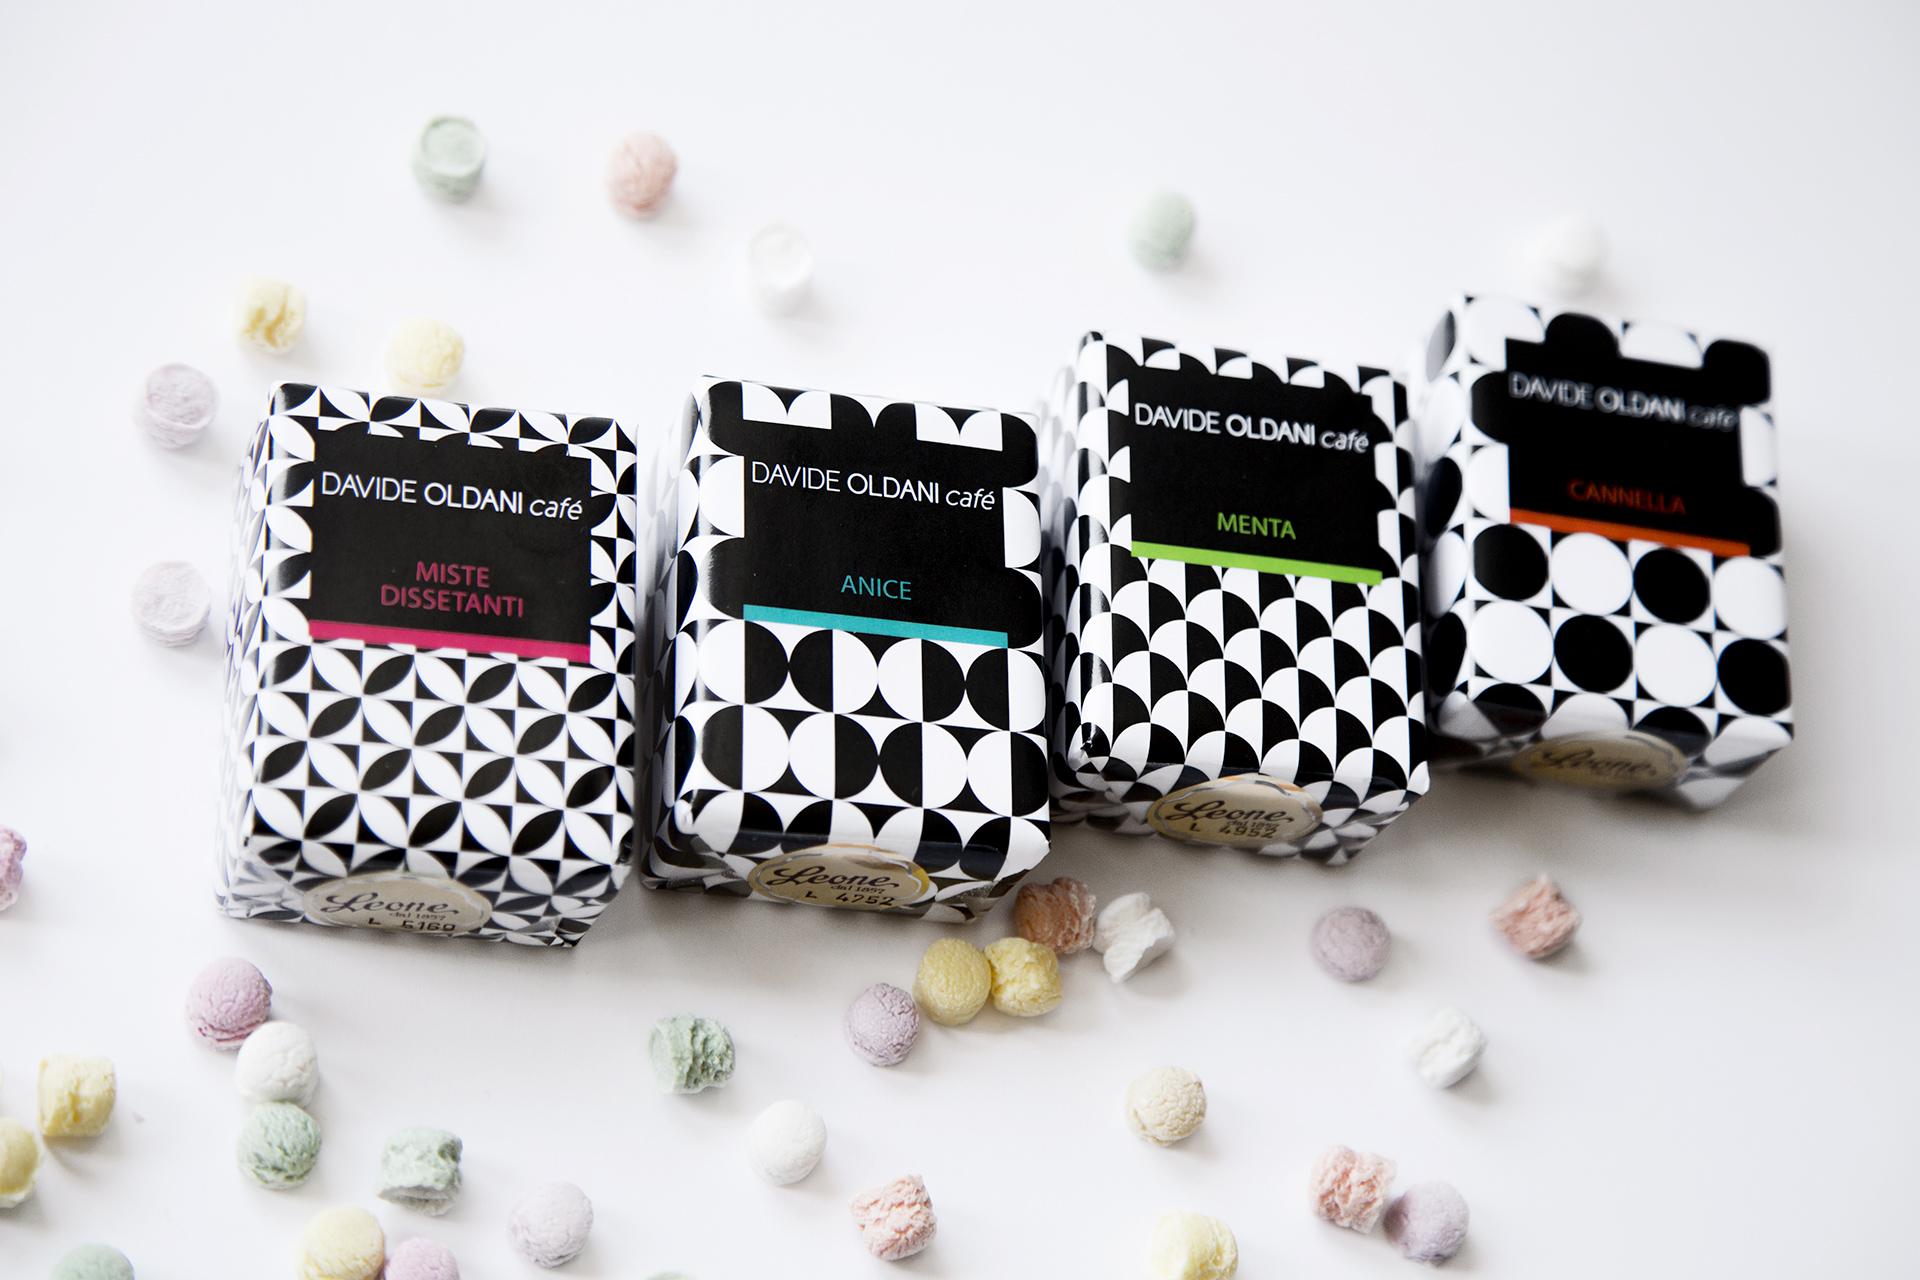 Davide Oldani Cafè custom boxes / Pastiglie Leone